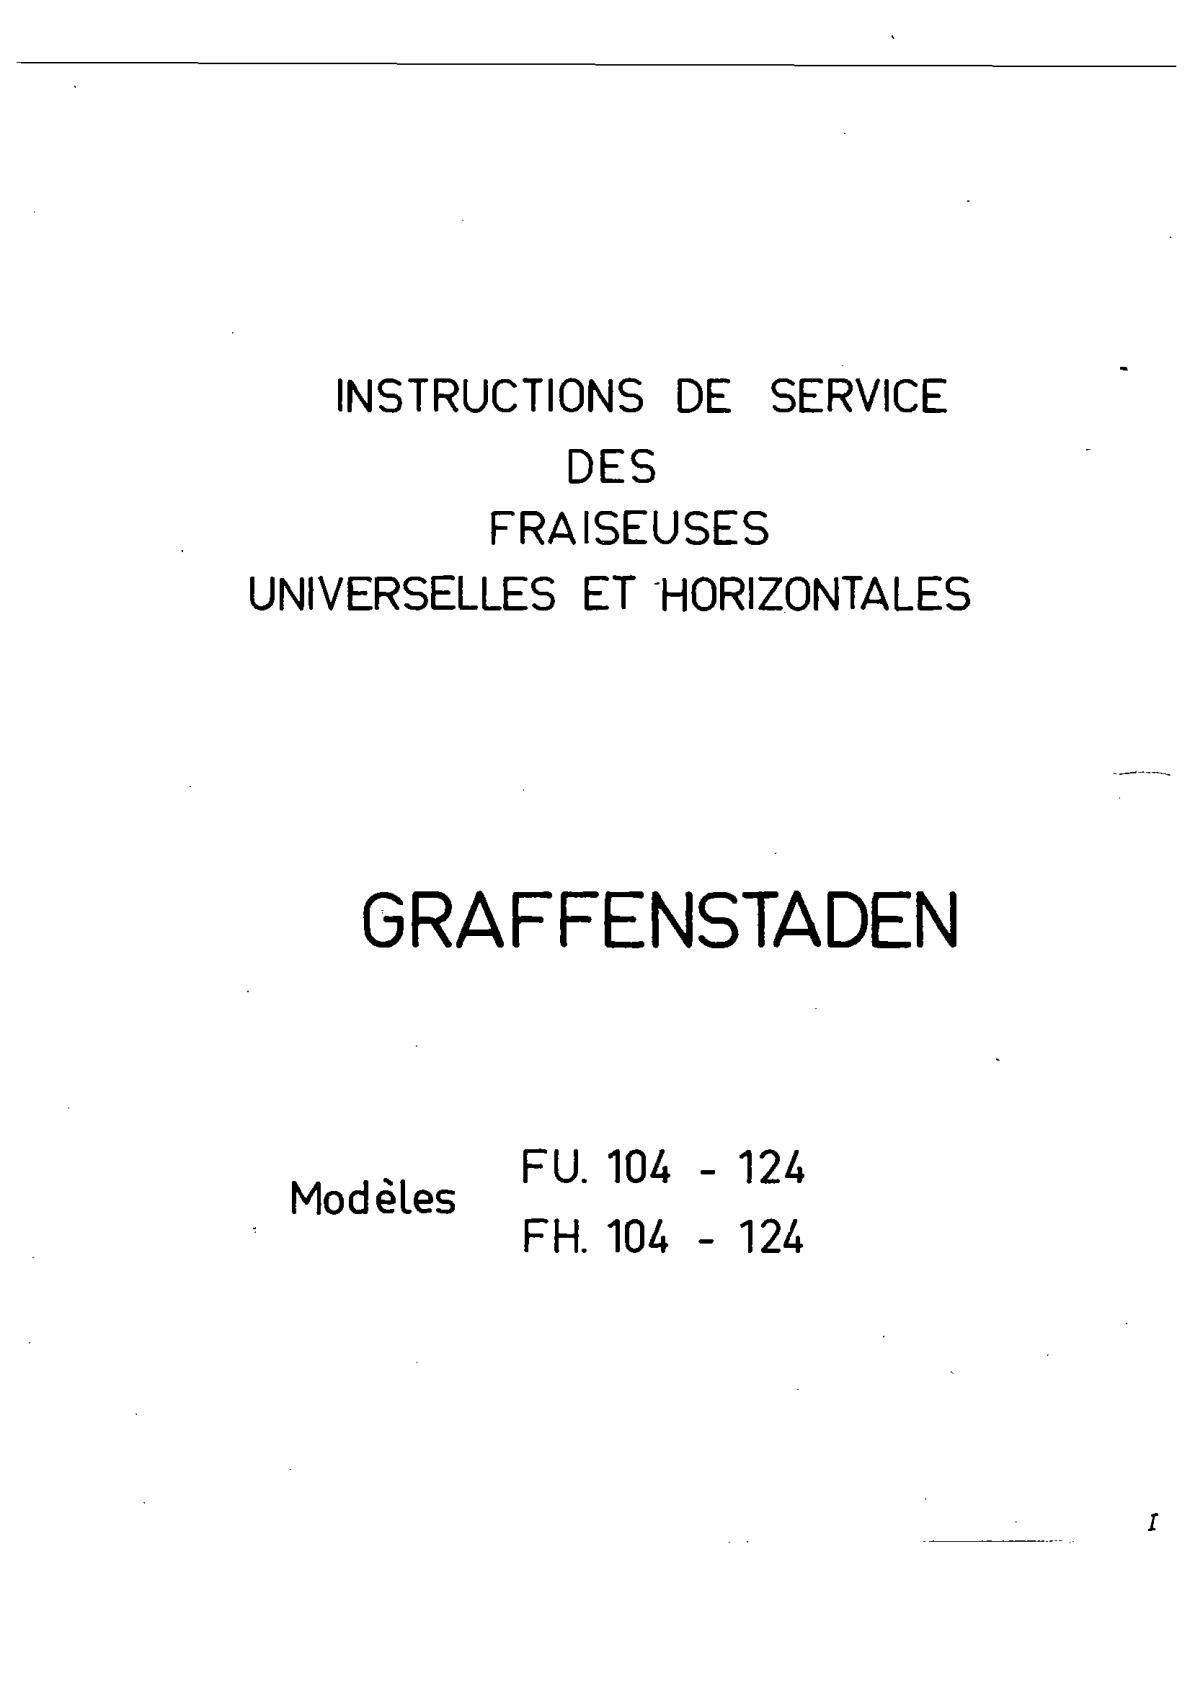 lubrification graffenstaden fh 104  Uw1133